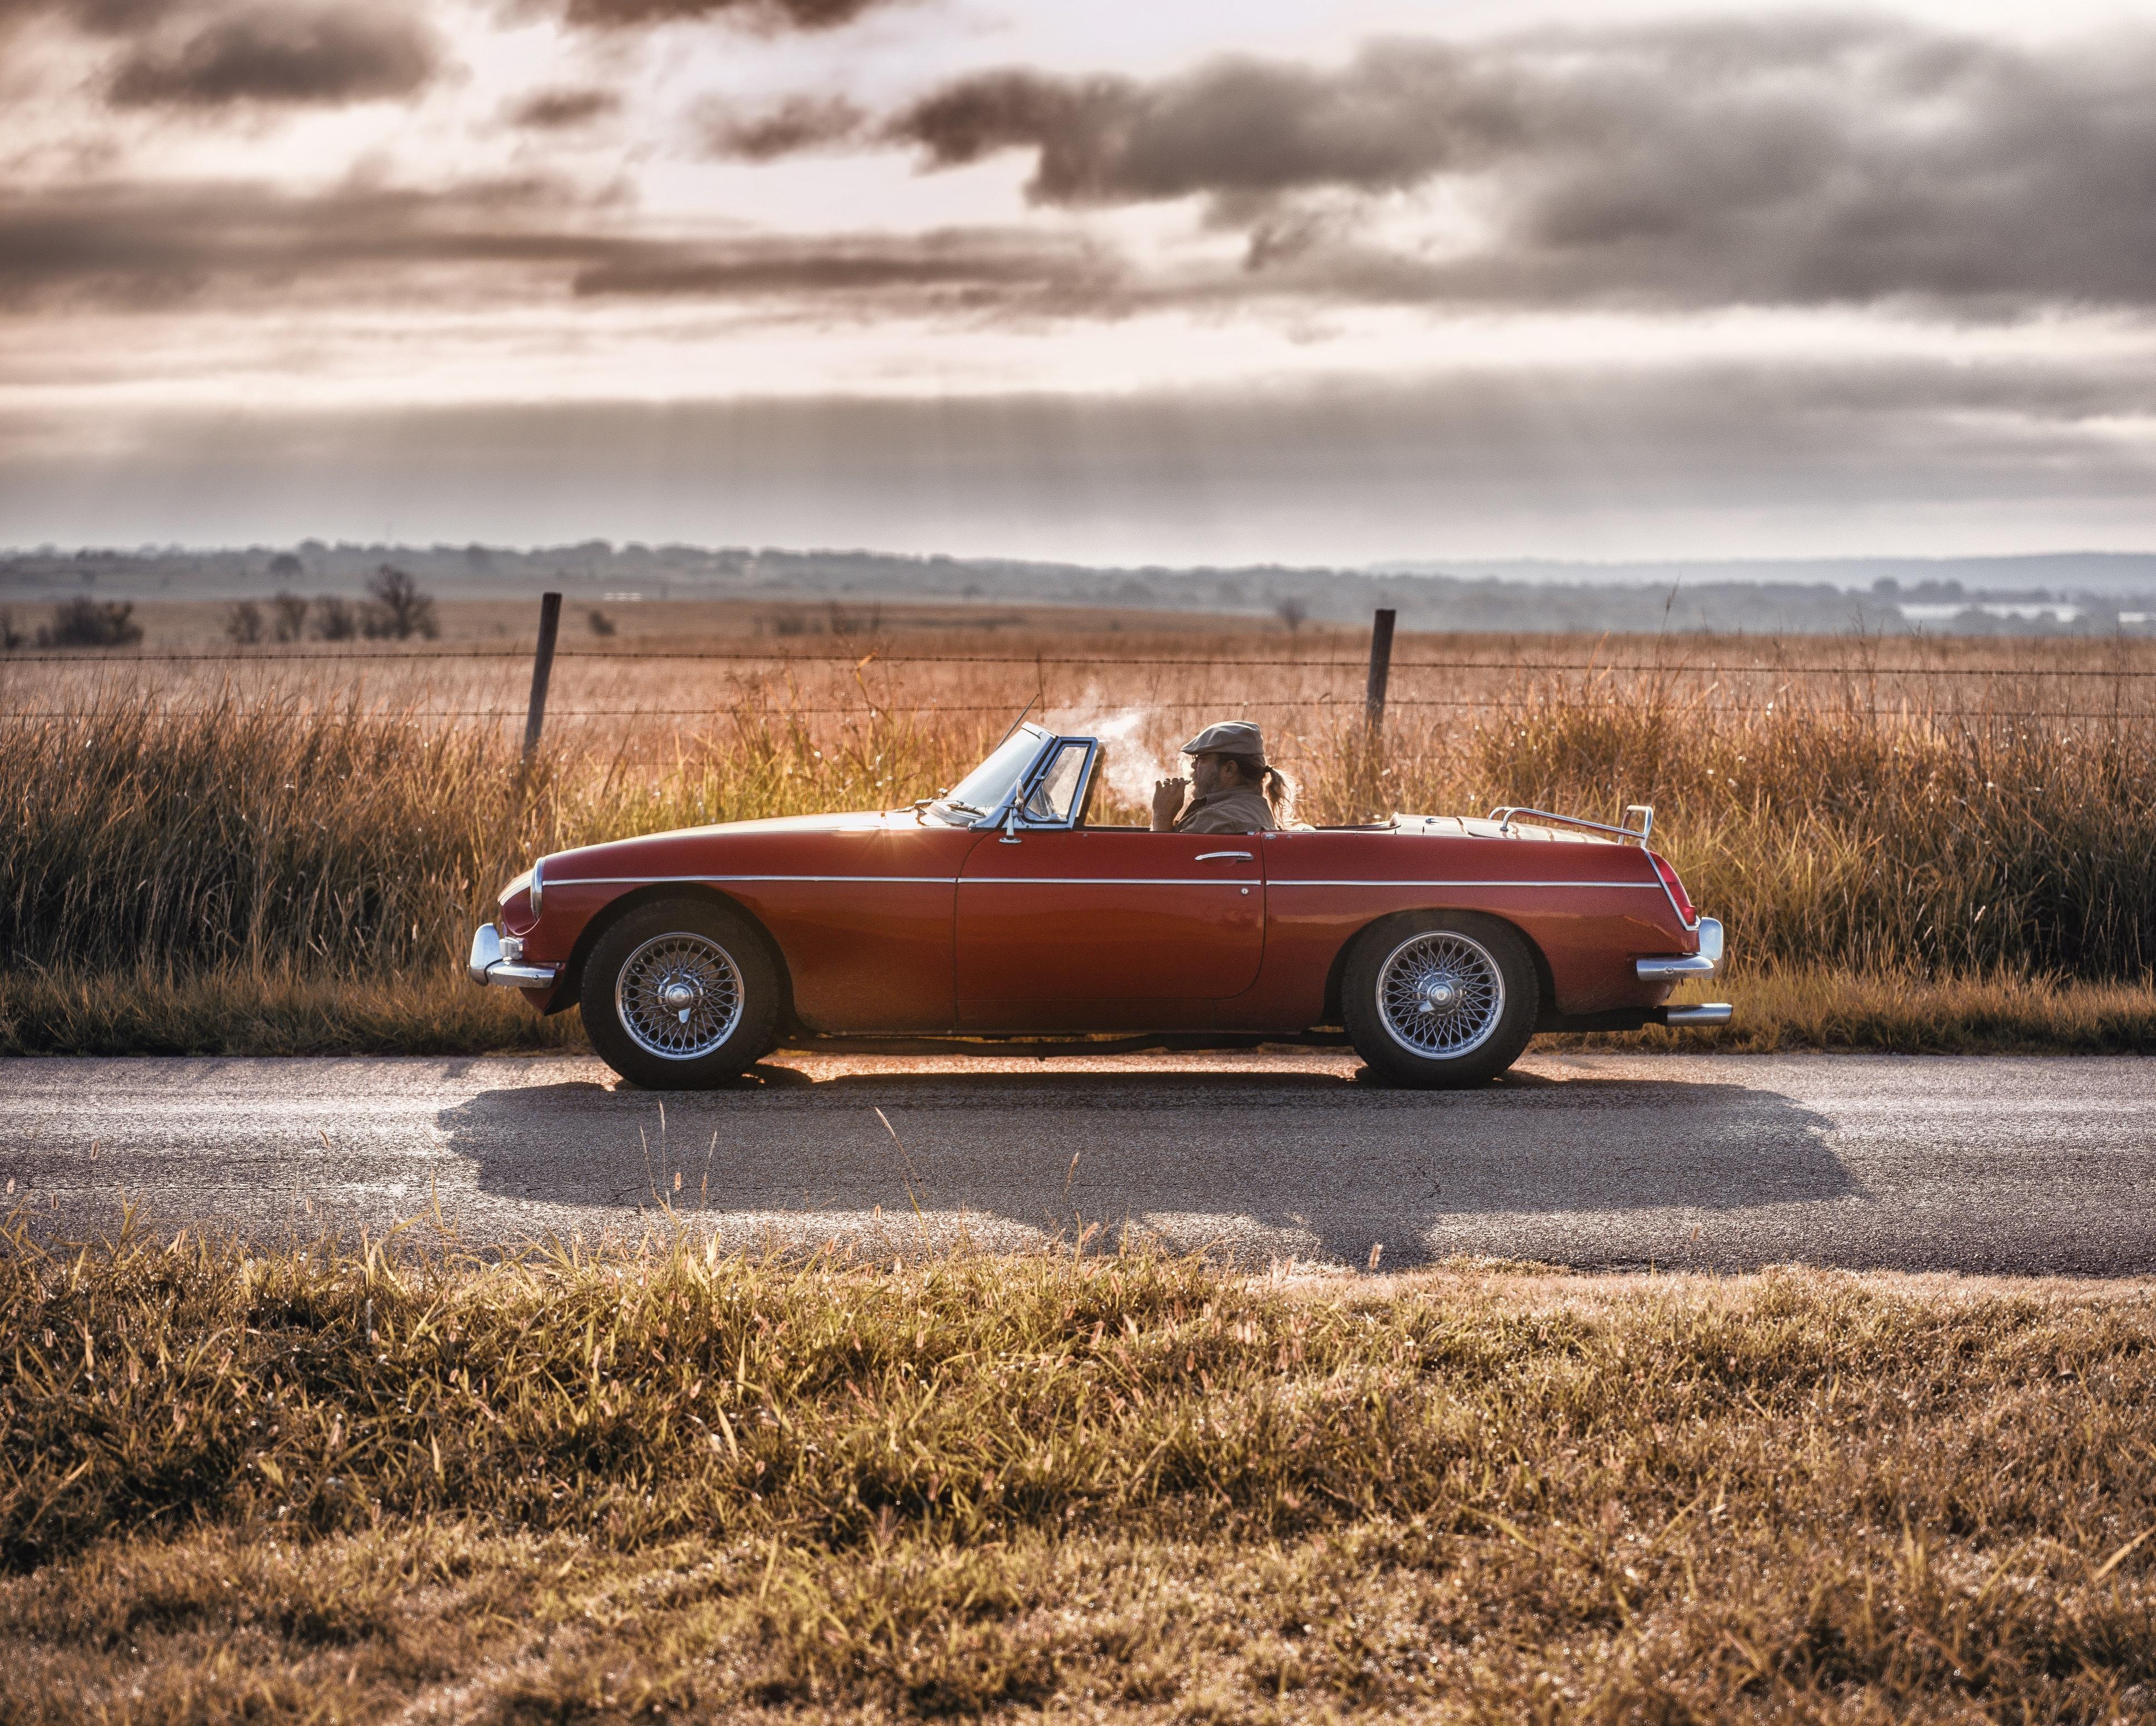 A man smoking a cigar drives down a rural road through a prairie landscape in a classic red car